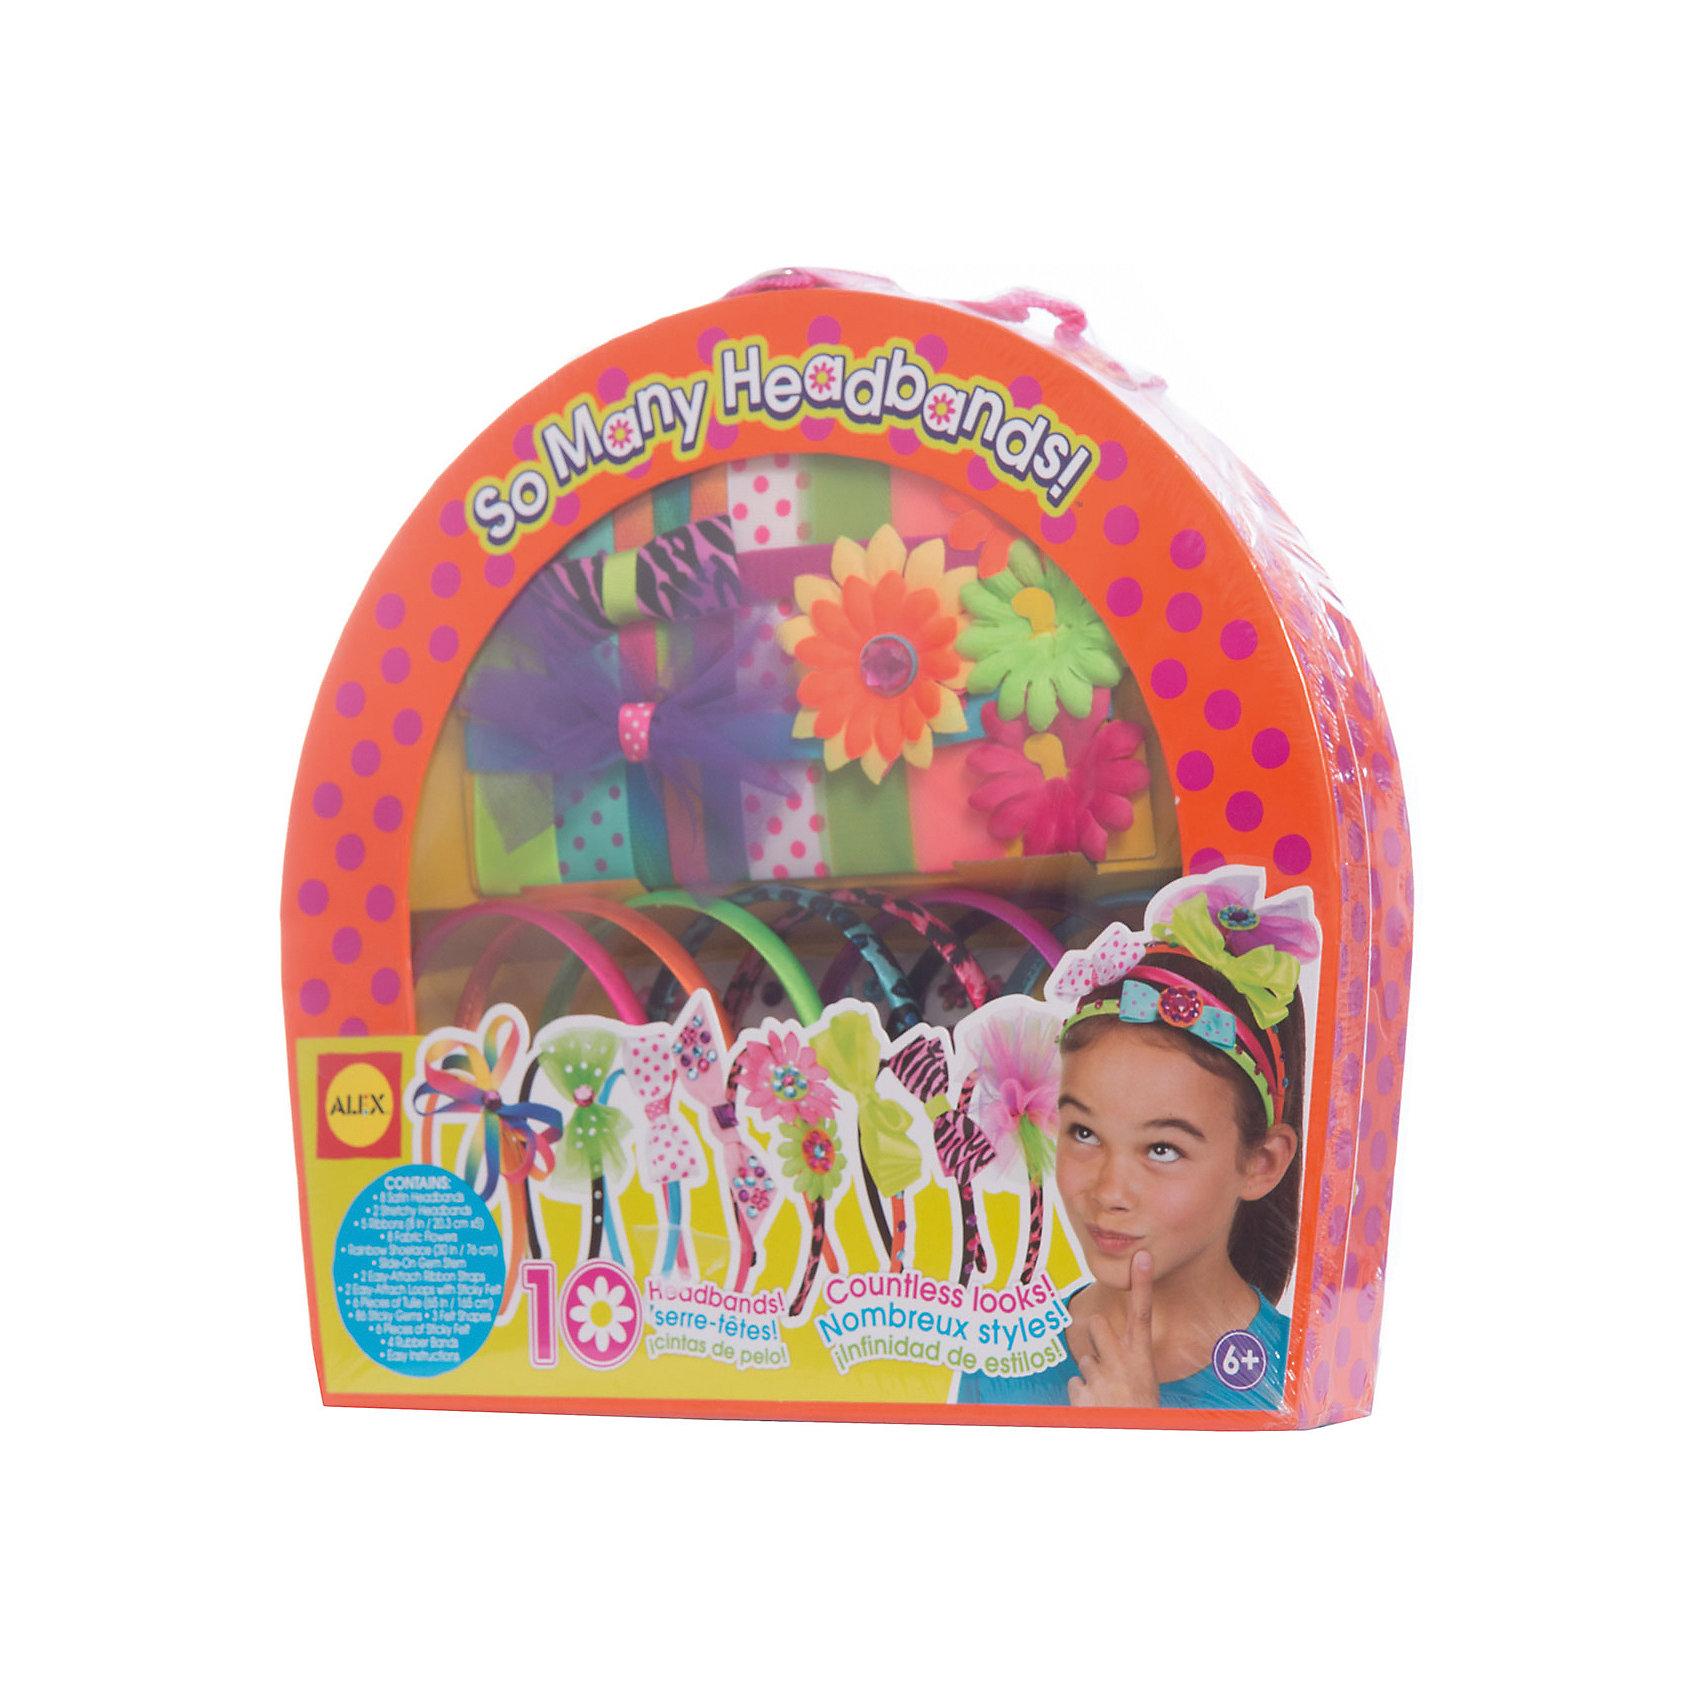 Набор 10 ободков своими руками ALEXНаборы стилиста и дизайнера<br>Набор для творчества. В наборе: 8 ободков покрытых атласной тканью, 2 повязки на голову, 2 легко прикрепляемые ленты, 8 цветков, 5 лент, 86 камней, лента цвета радуги, 6 заготовок из тюли, фетровые украшения, резинки и простая инструкция, и все это упаковано в стильный чемоданчик с ручкой.<br><br>Ширина мм: 324<br>Глубина мм: 51<br>Высота мм: 298<br>Вес г: 363<br>Возраст от месяцев: 72<br>Возраст до месяцев: 120<br>Пол: Женский<br>Возраст: Детский<br>SKU: 3309734